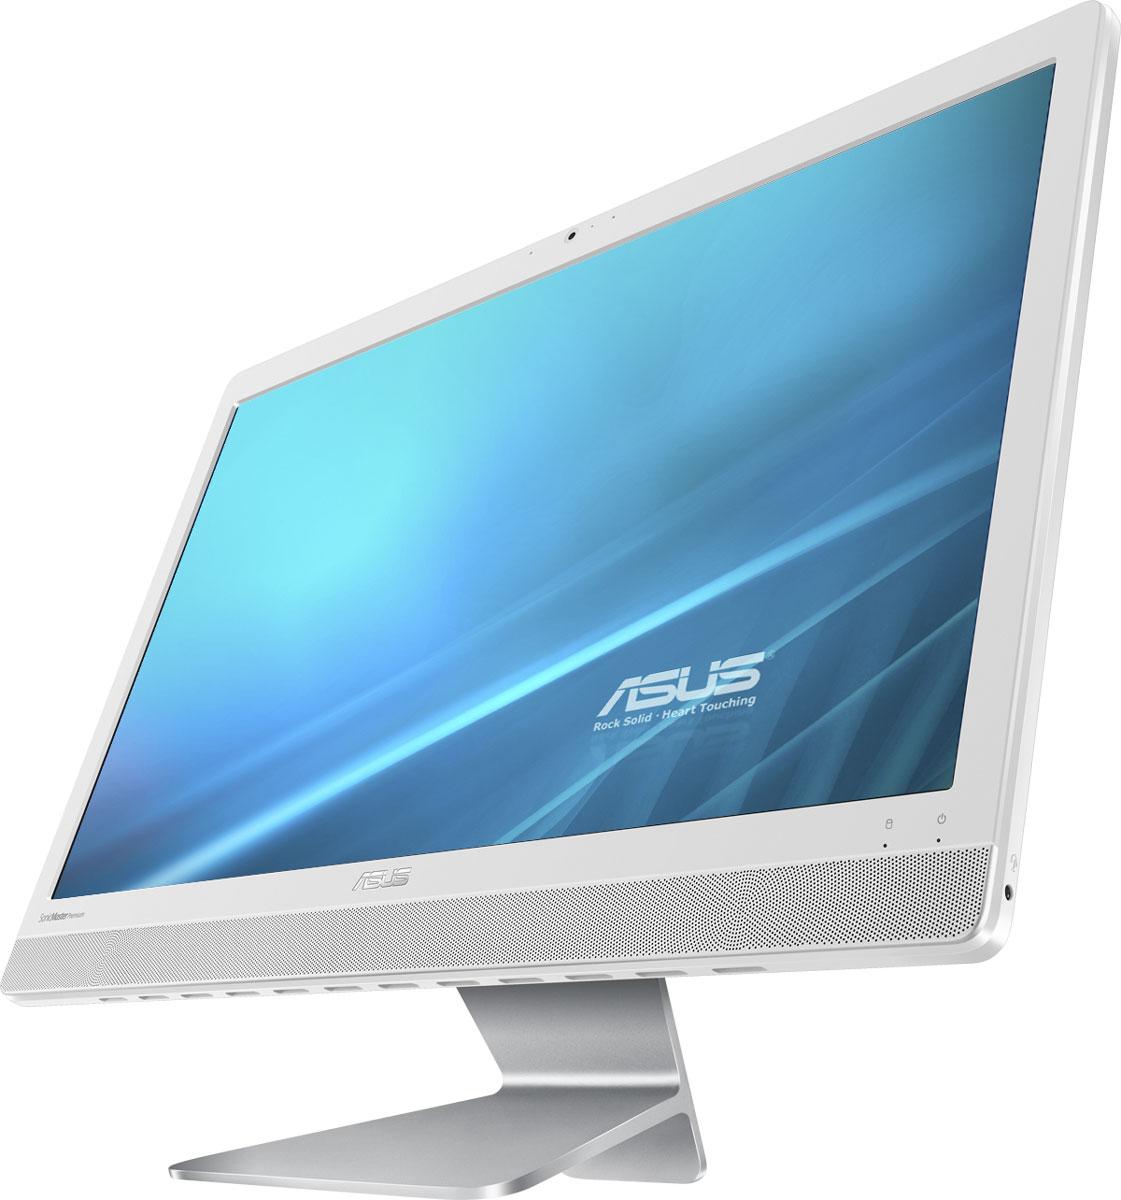 ASUS Vivo AiO V221IDUK-WA013D, White моноблок